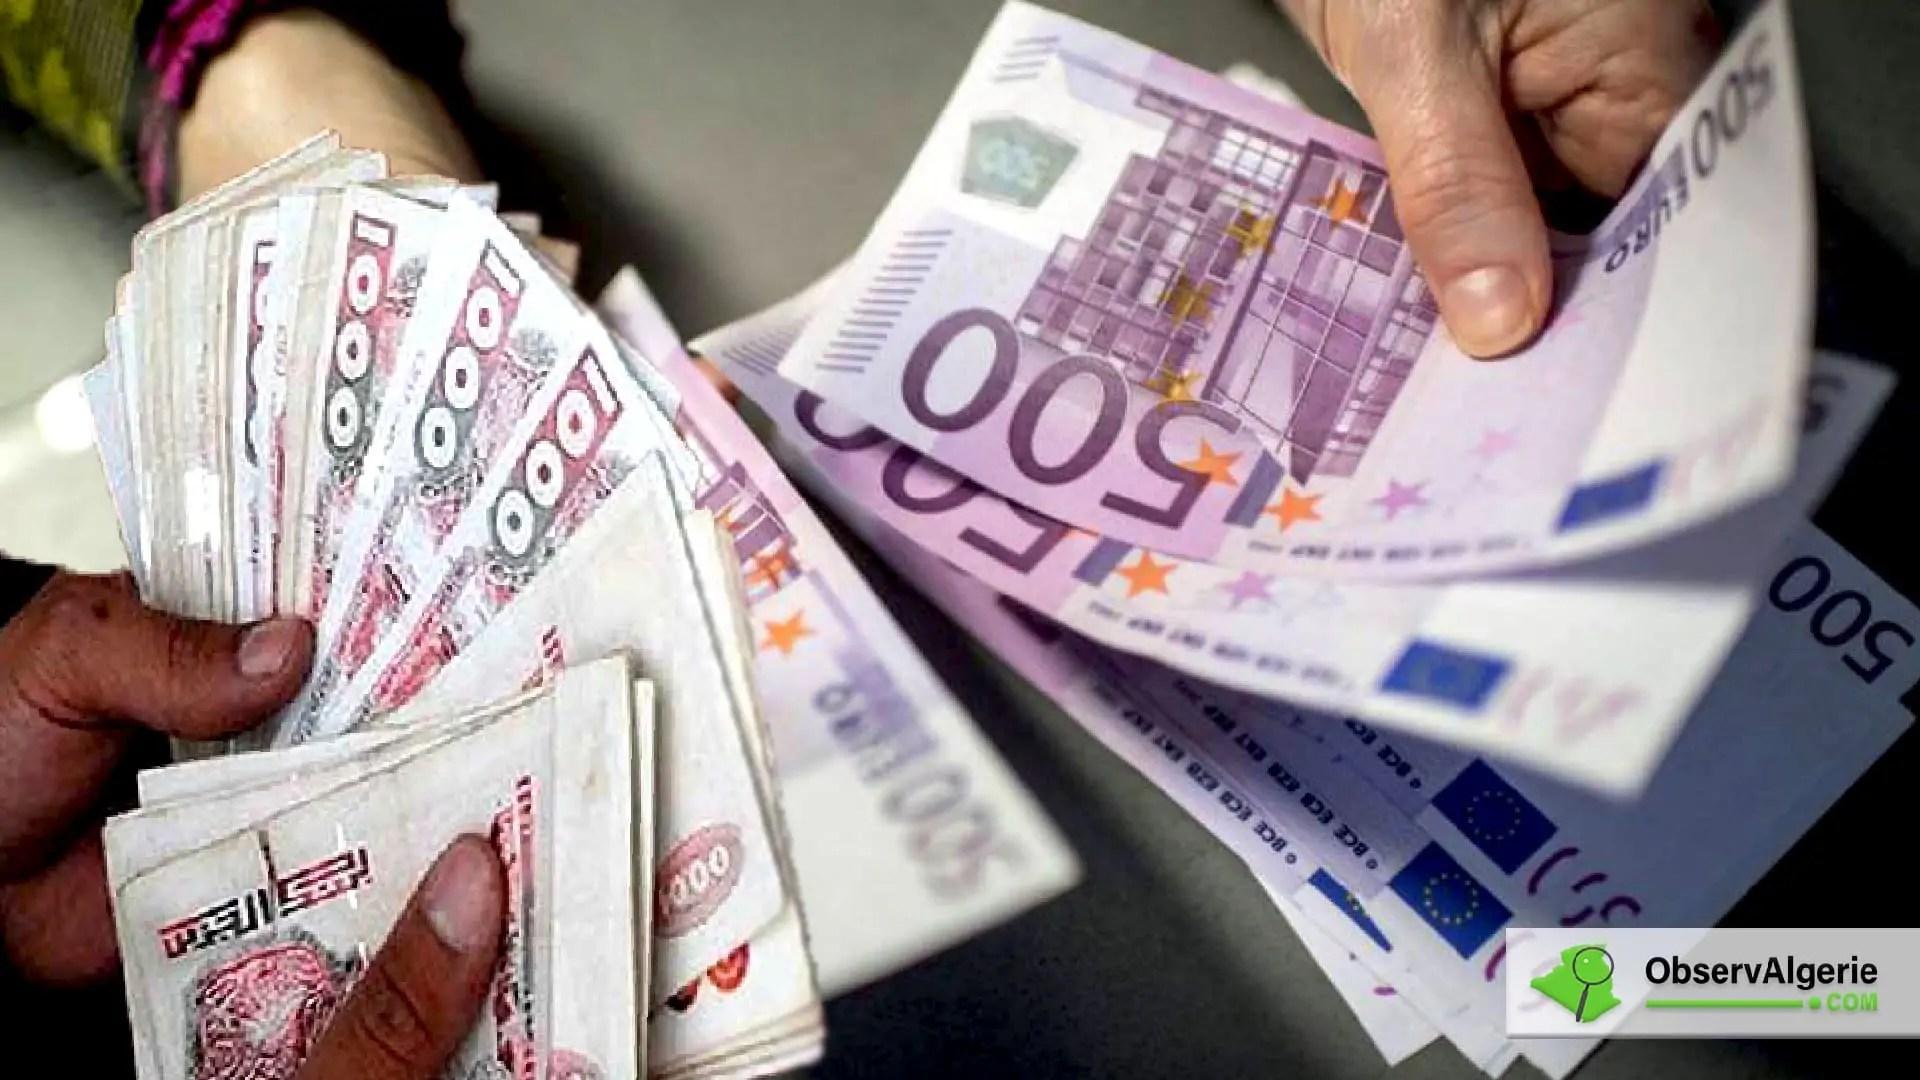 Le marché noir émerge sur Internet, l'euro continue sa chute libre